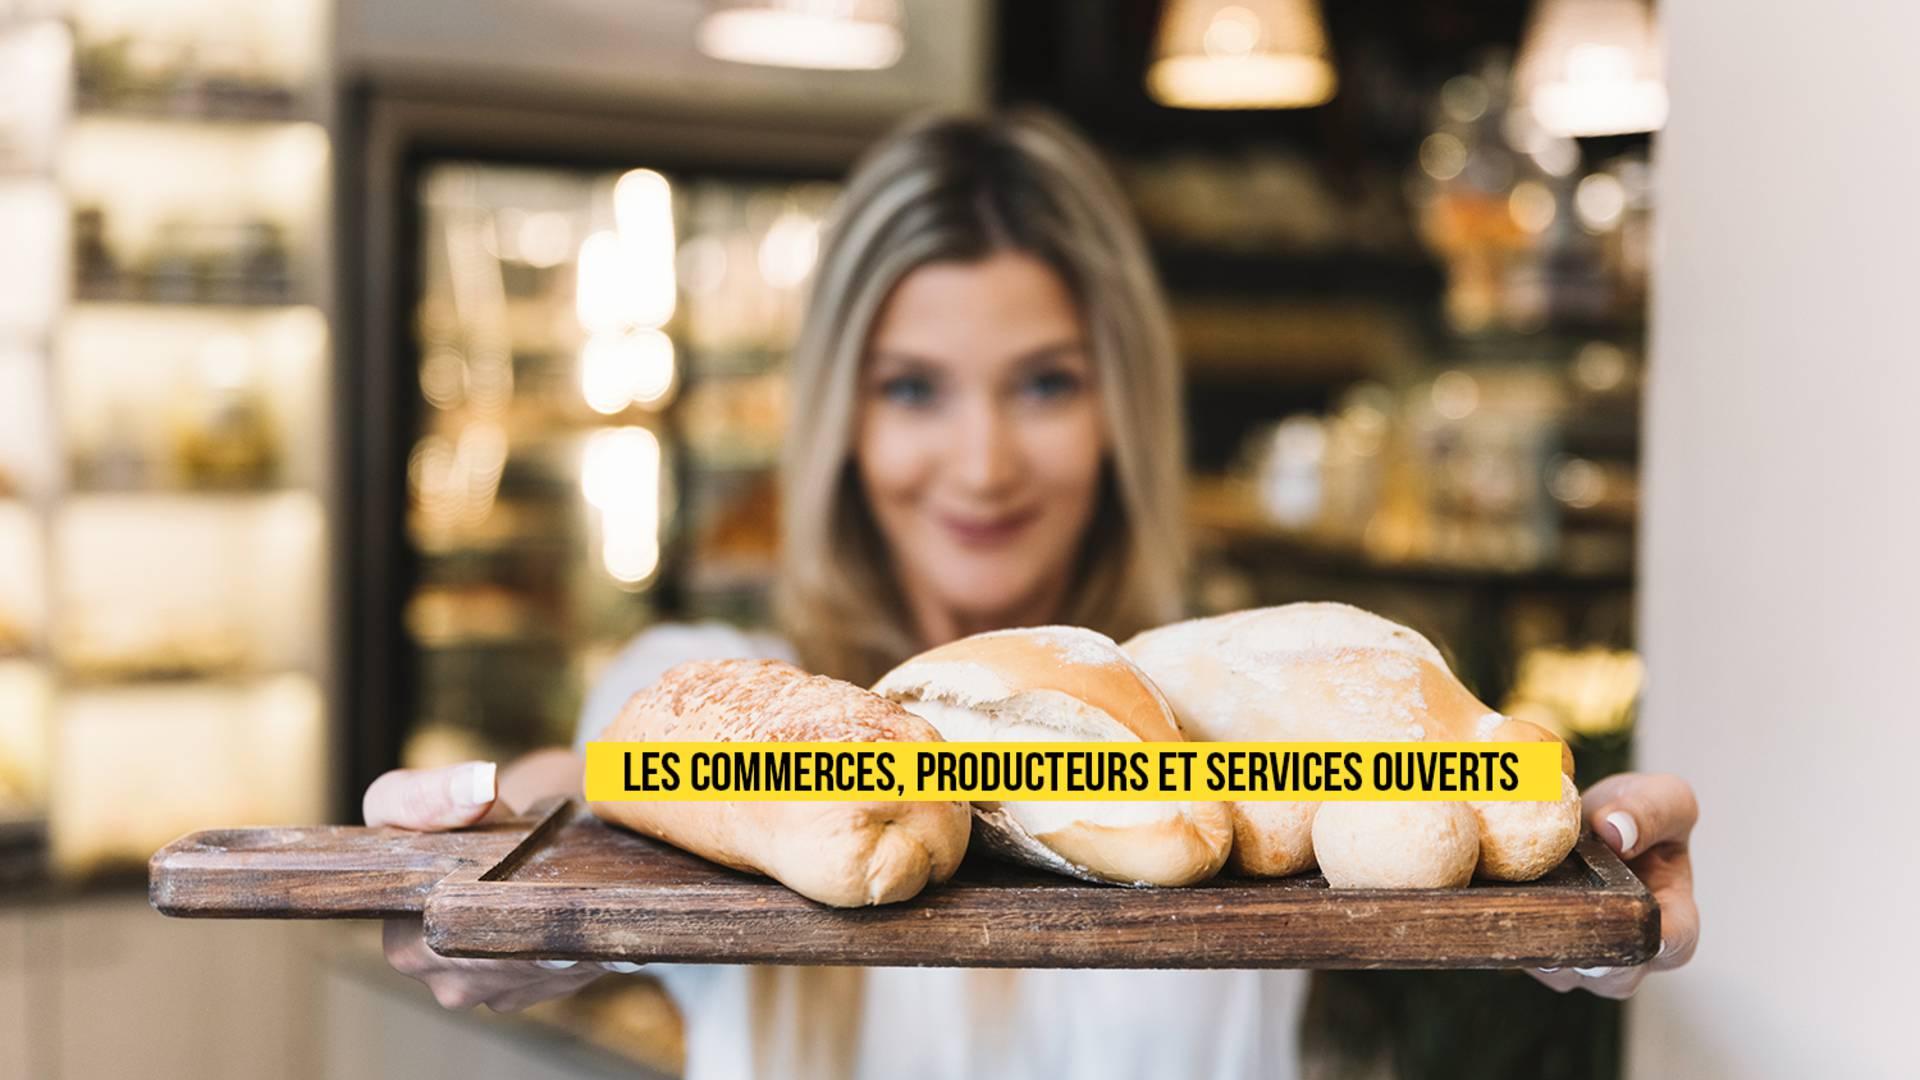 Commerces, producteurs et services ouverts © Freepik